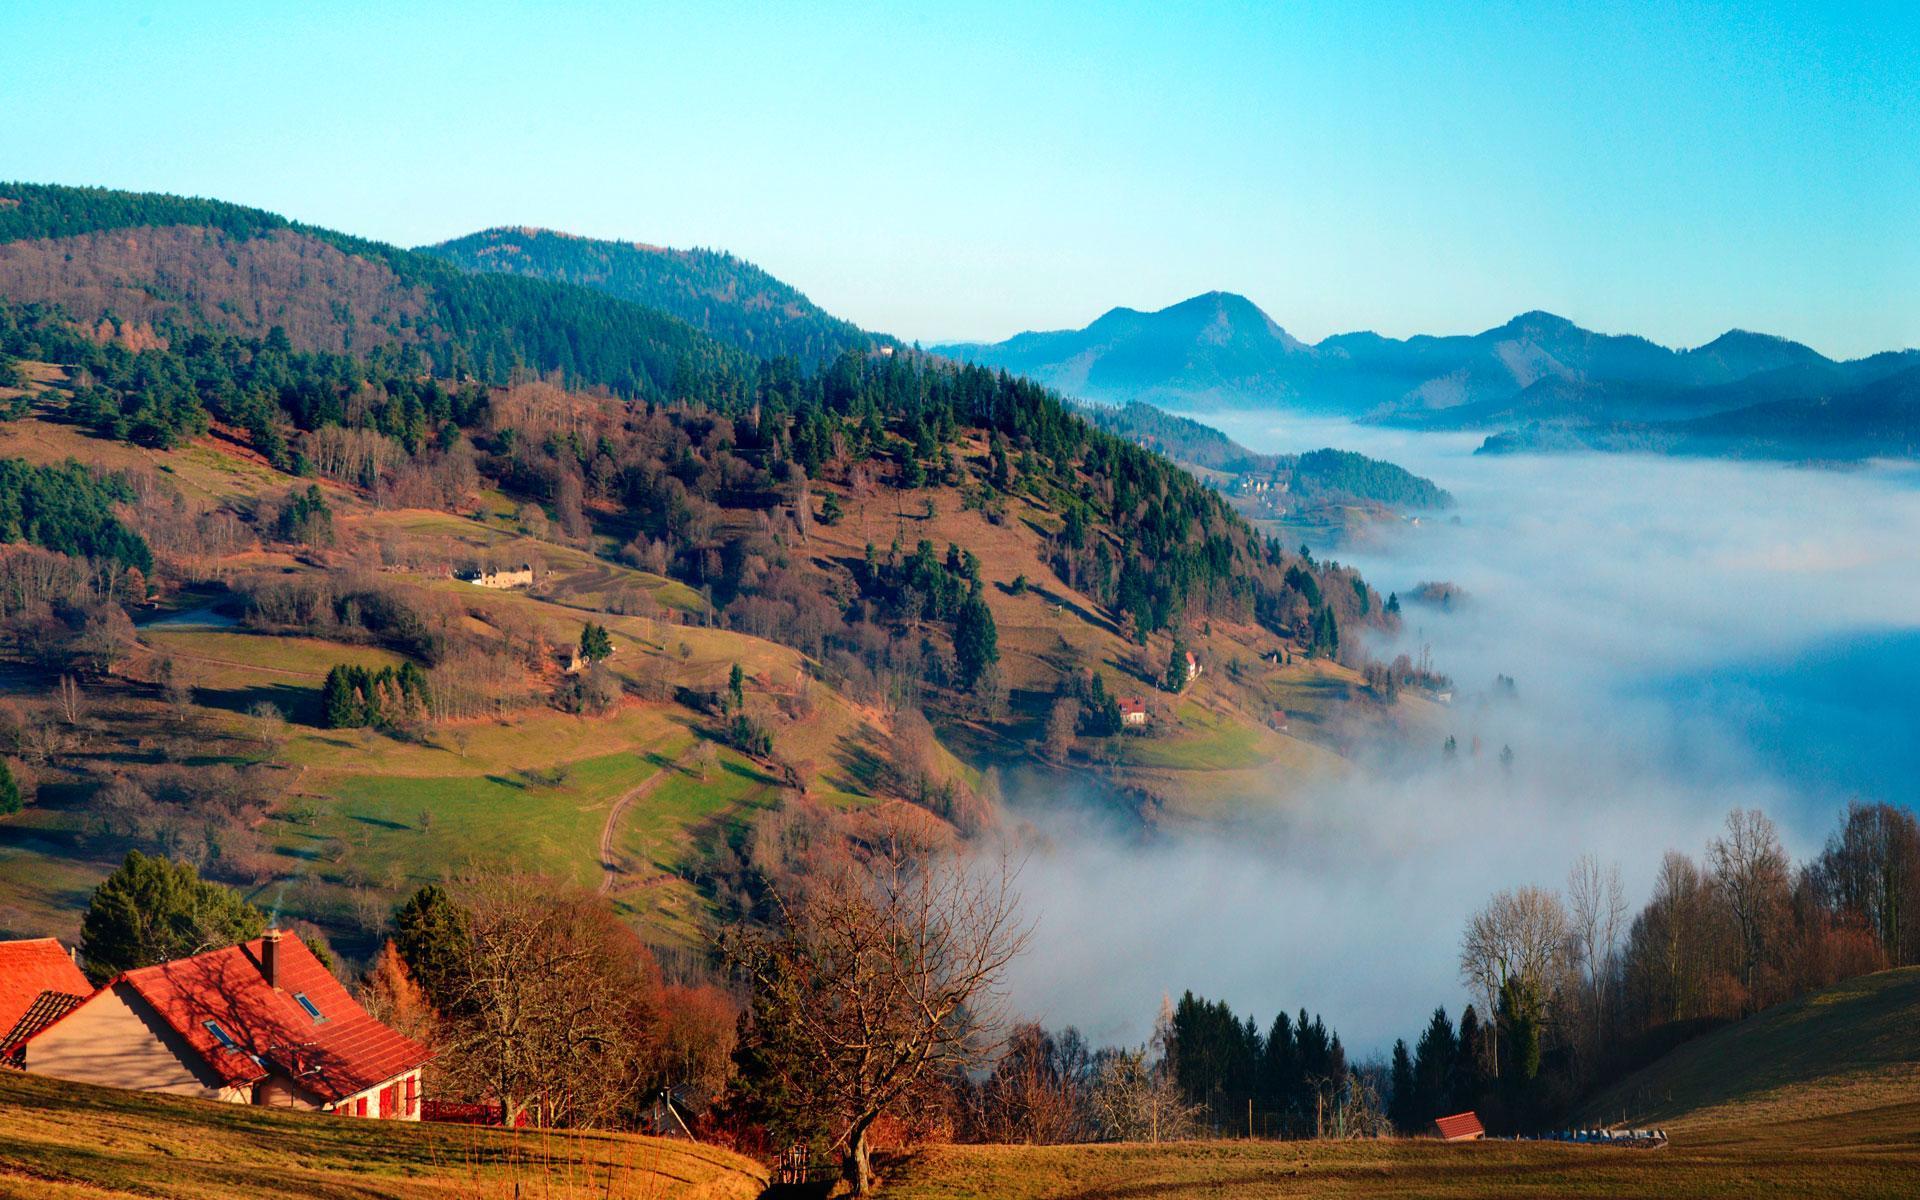 Panorama d'un village dans la campagne vosgienne